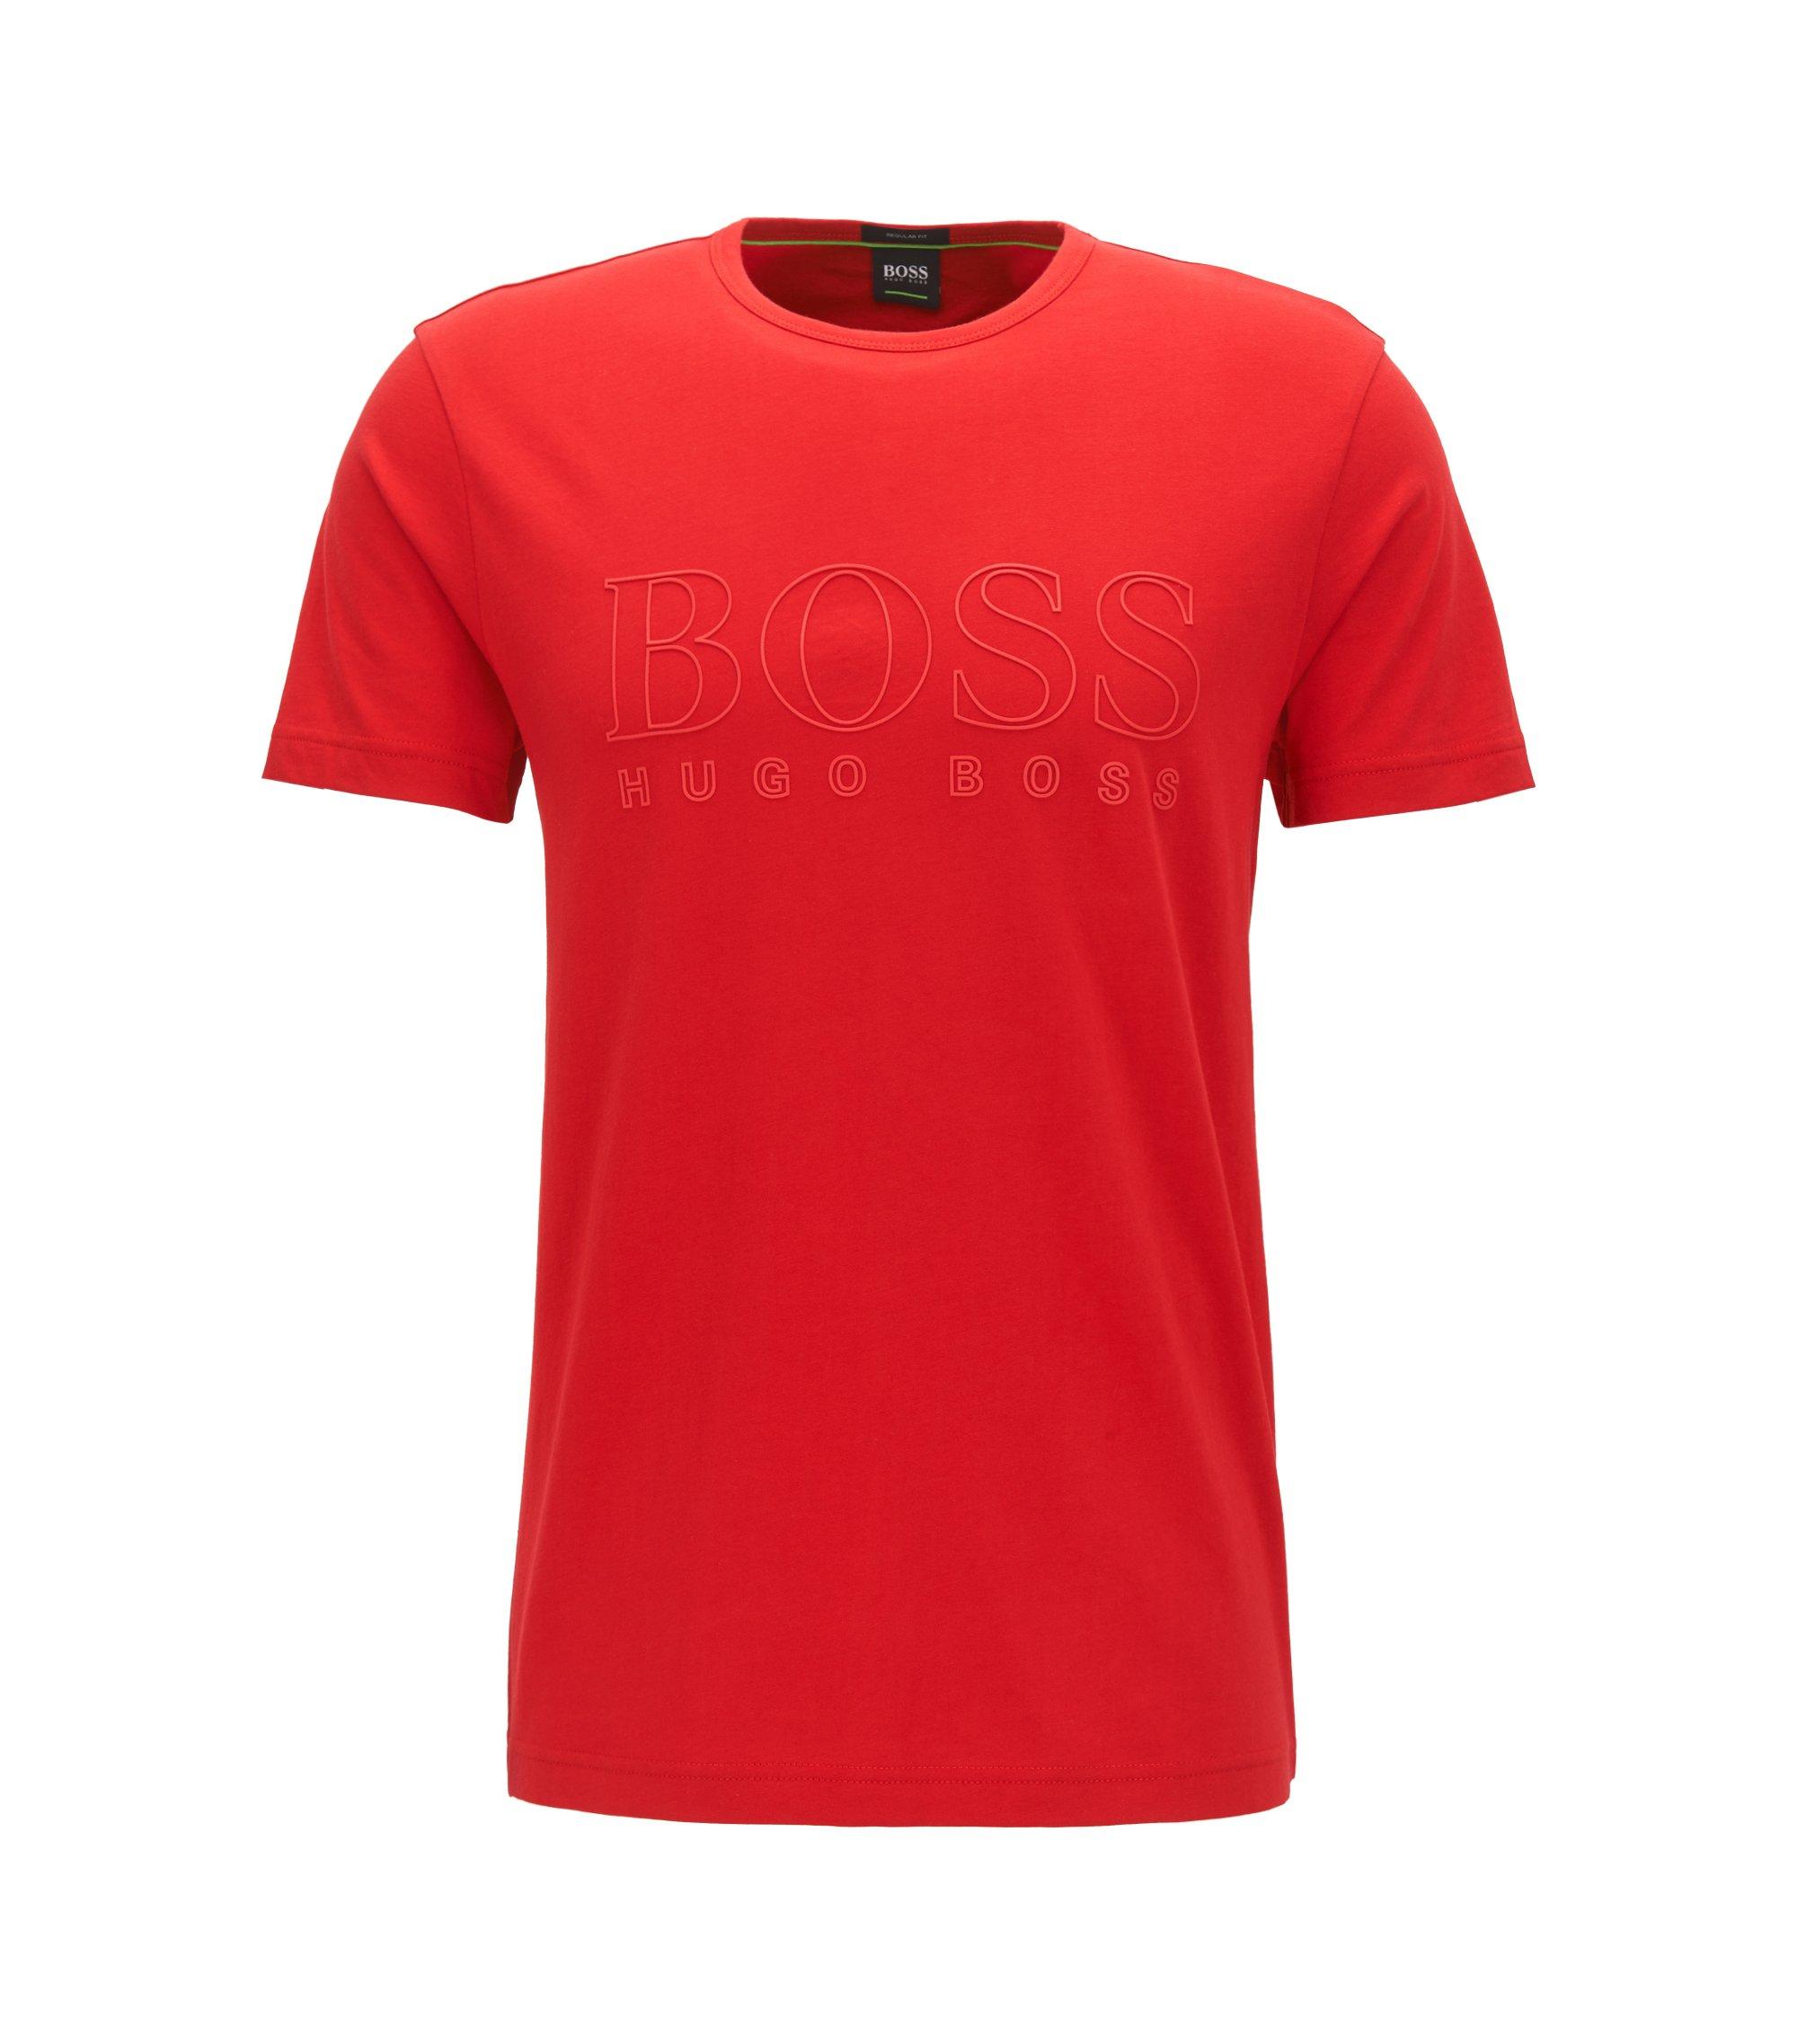 T-shirt à manches courtes en coton, avec logo à effet 3D, Rouge